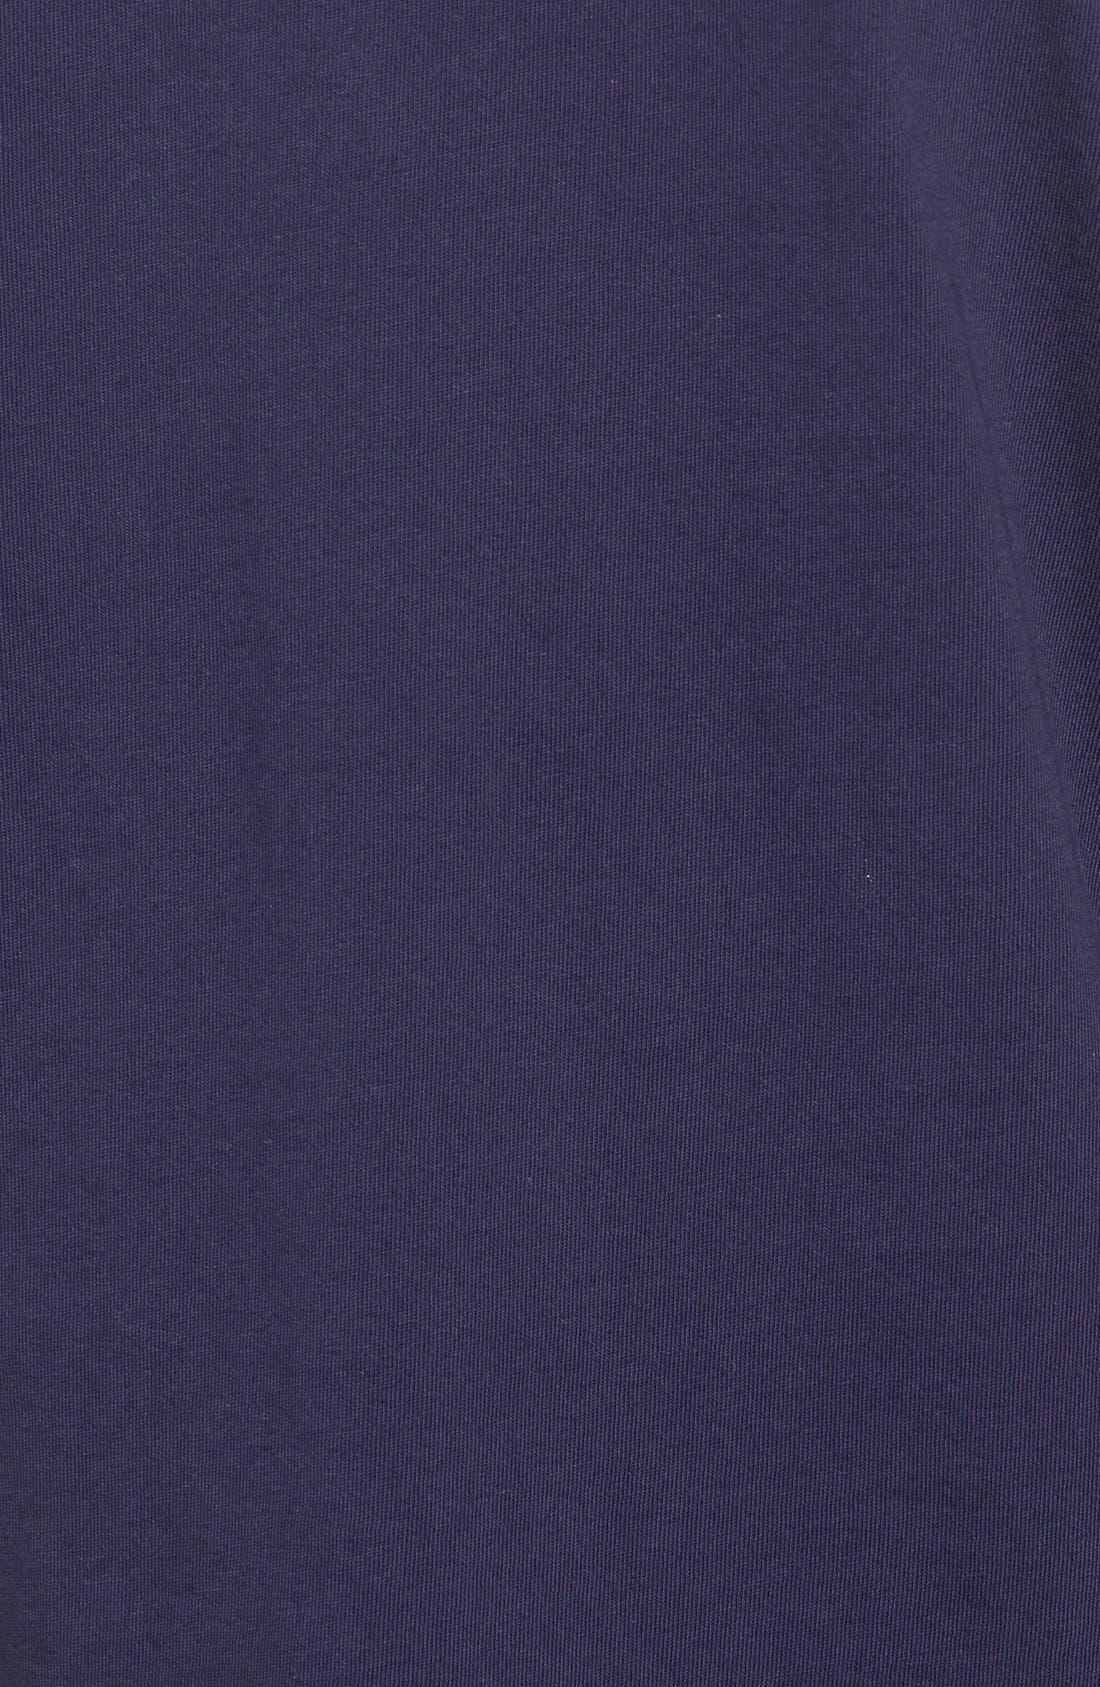 Alternate Image 6  - Vineyard Vines 'Collegiate' Long Sleeve Tee